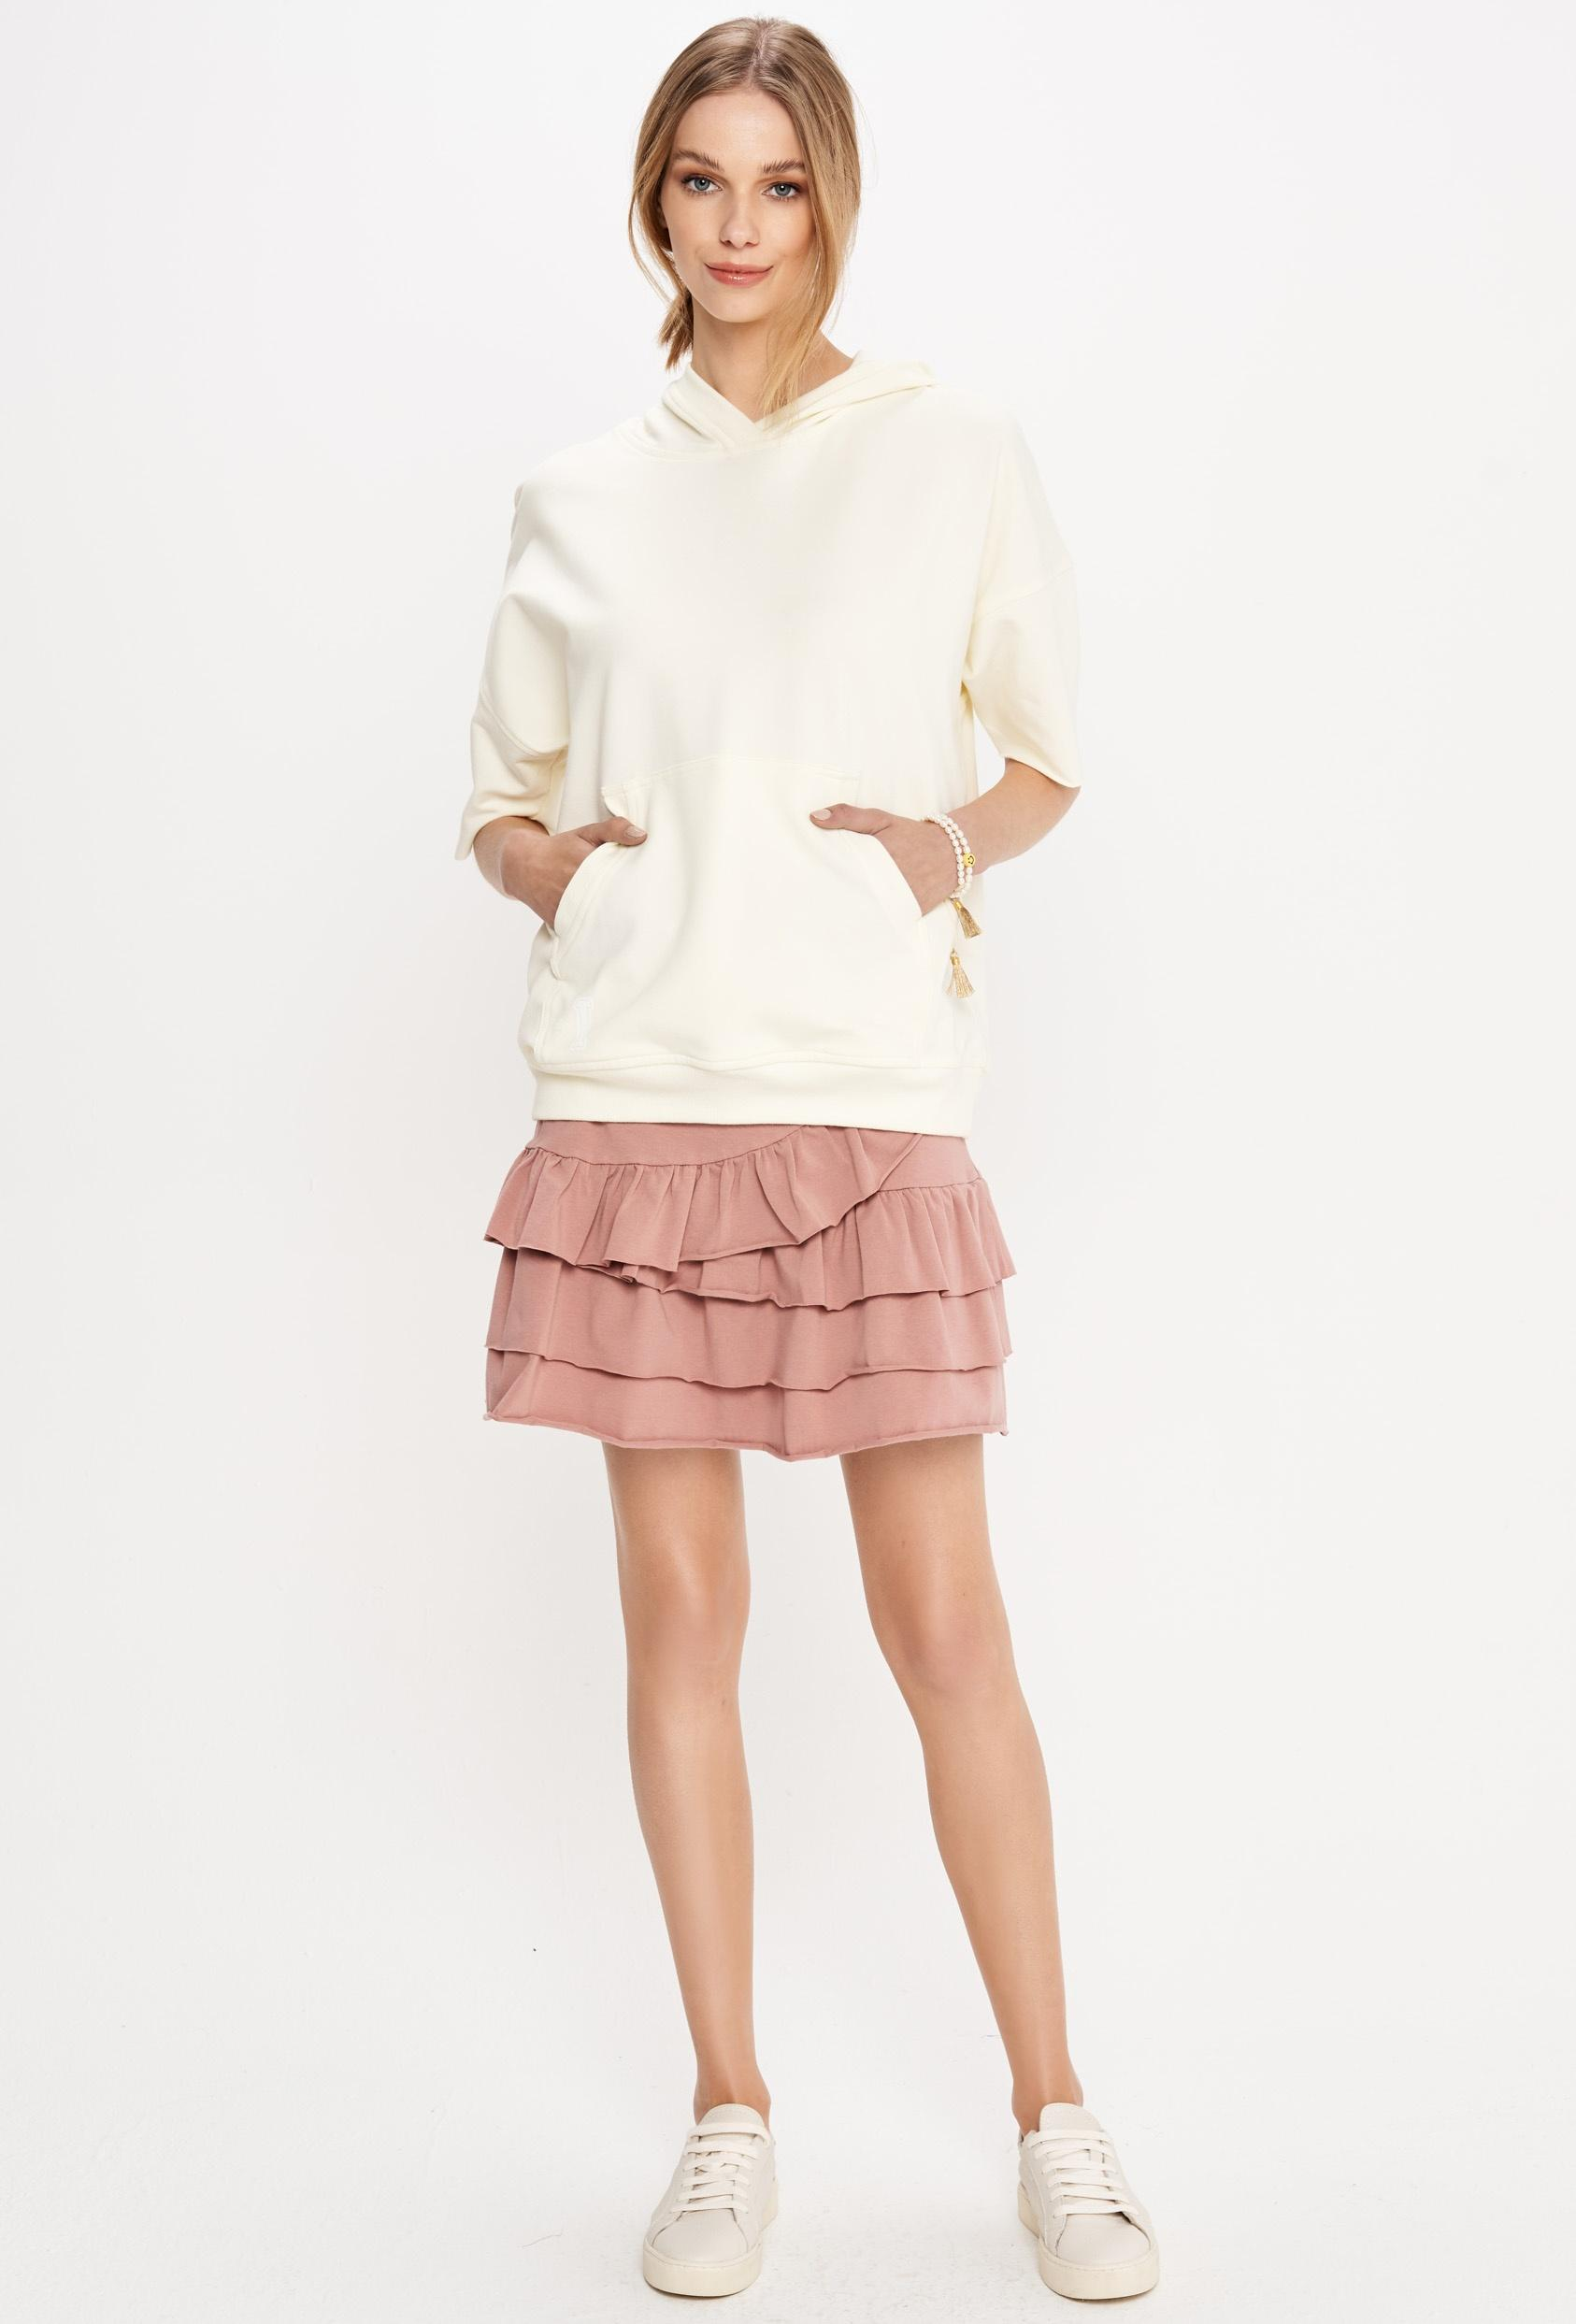 Spódnica mini KLOSS SKIRT różowa